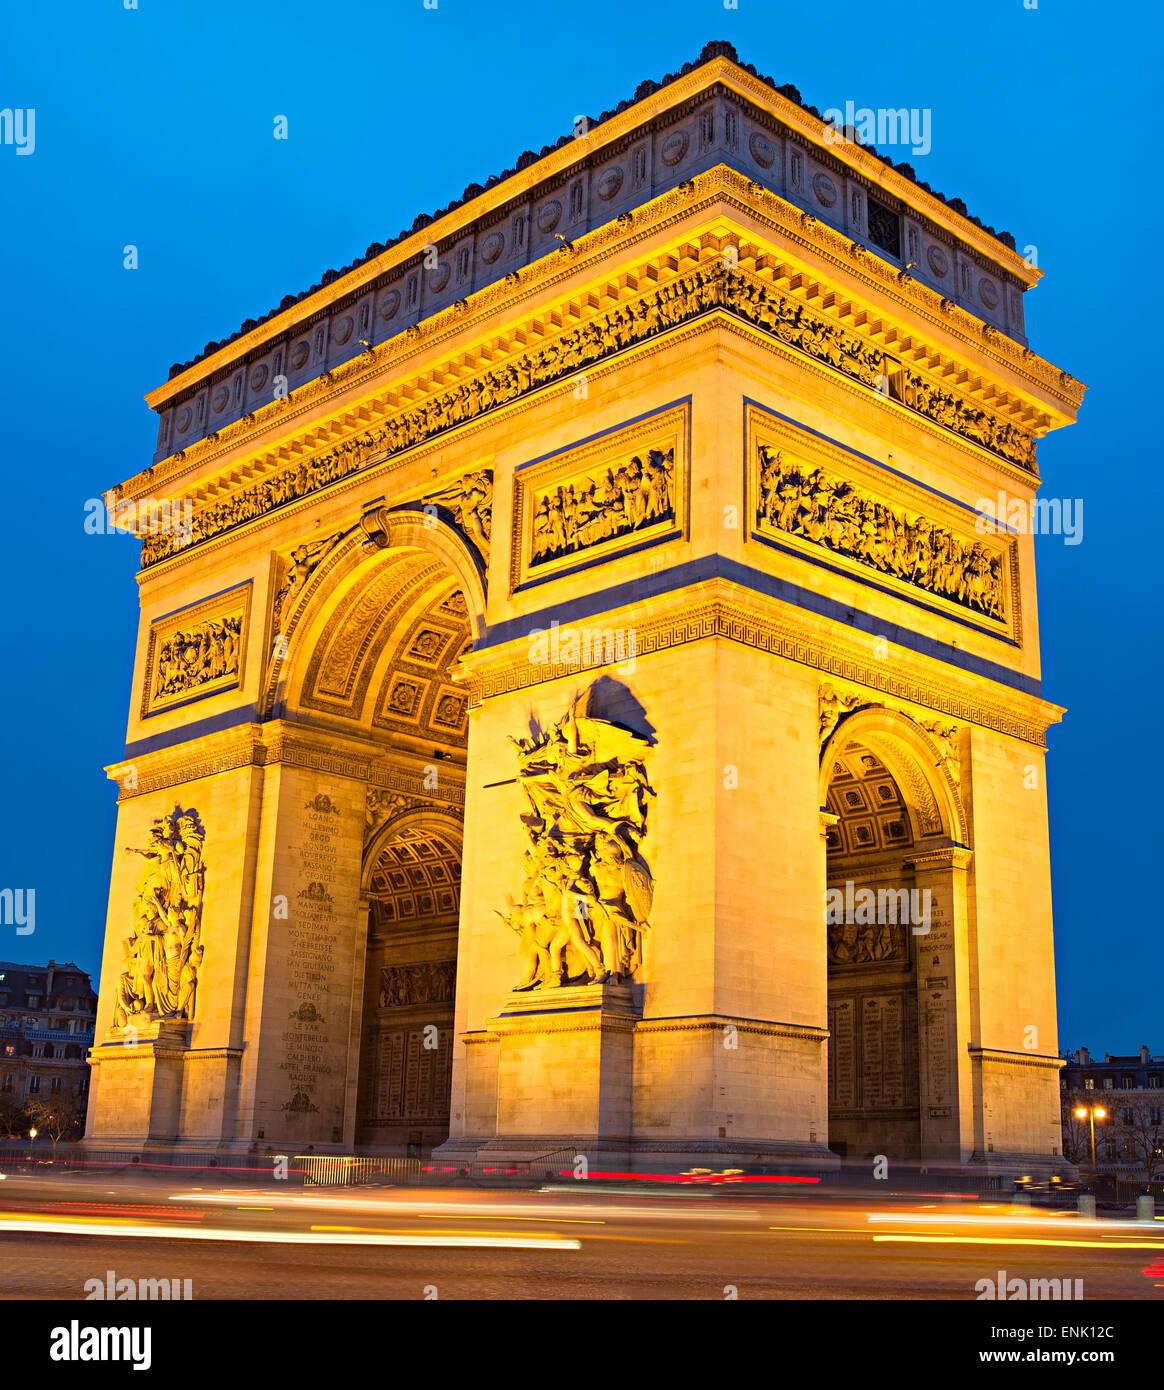 Der Triumphbogen am Place Charles de Gaulle in Paris, Frankreich. Stockbild